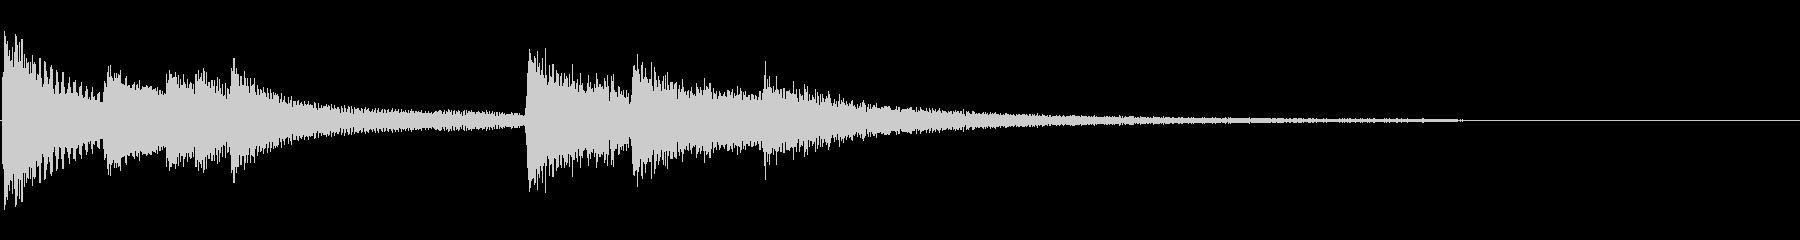 ピアノのコードが特徴的な暖かいジングル曲の未再生の波形